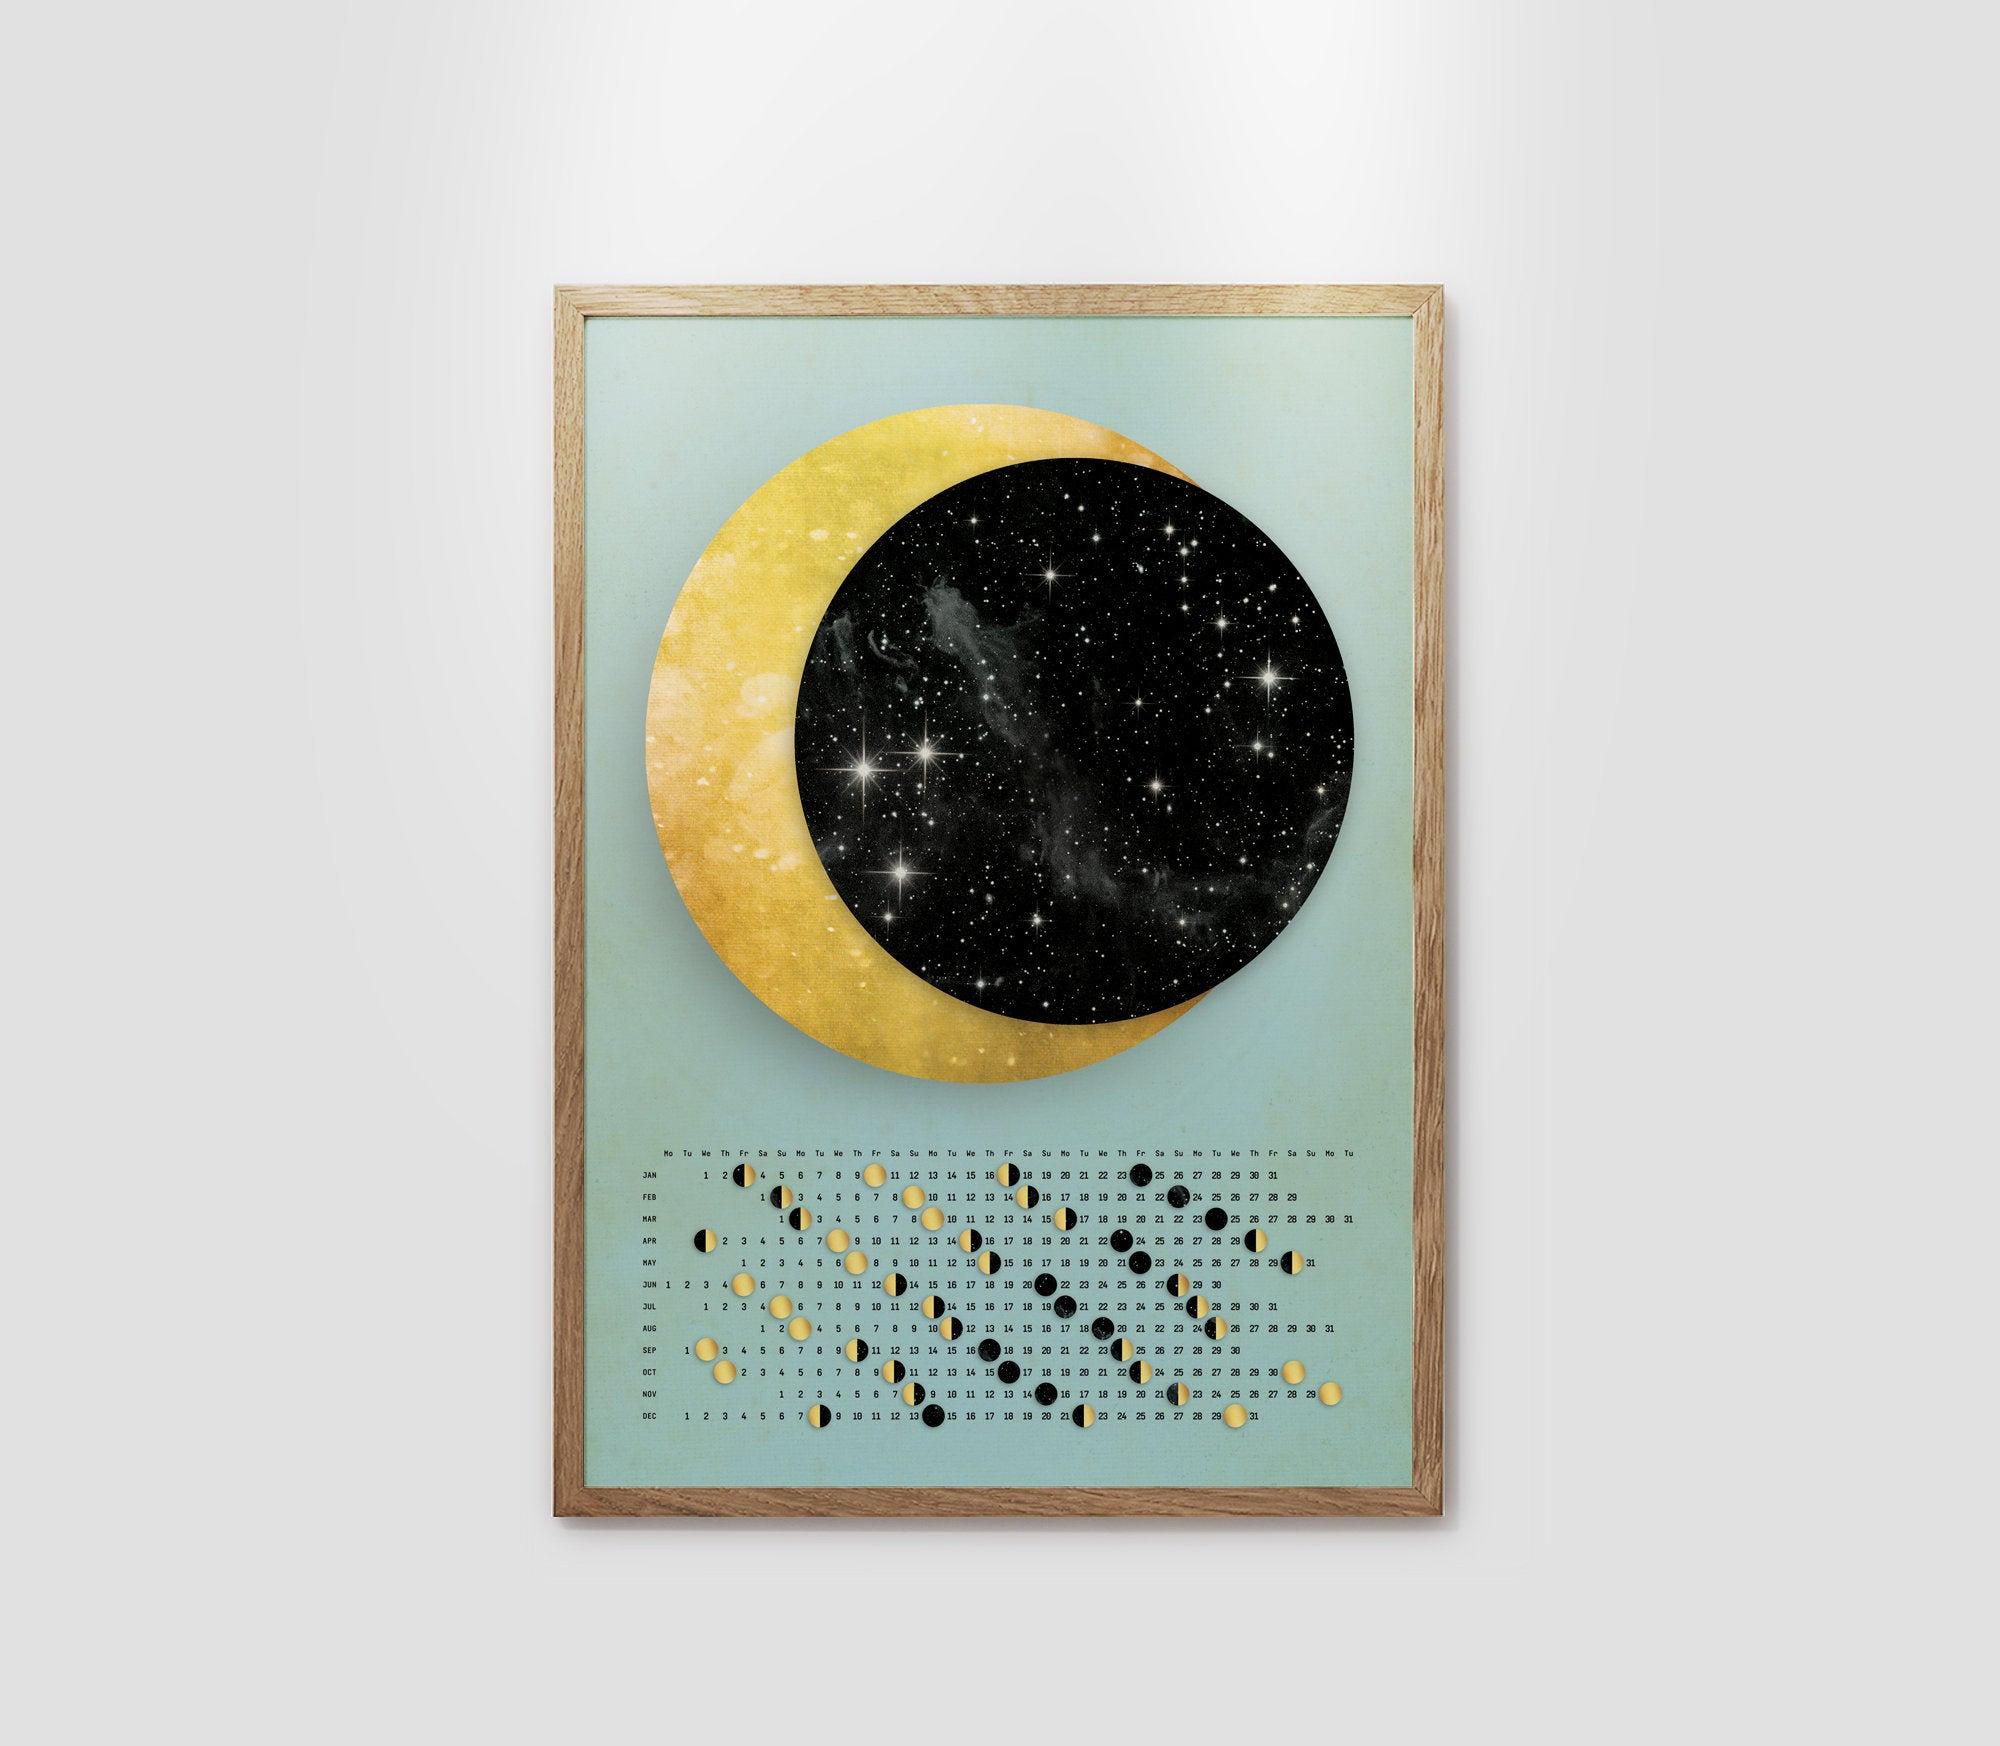 Customized Moon Calendar 2020. Moon Poster Calendar 2020. for Moon Calendar Puerto Rico